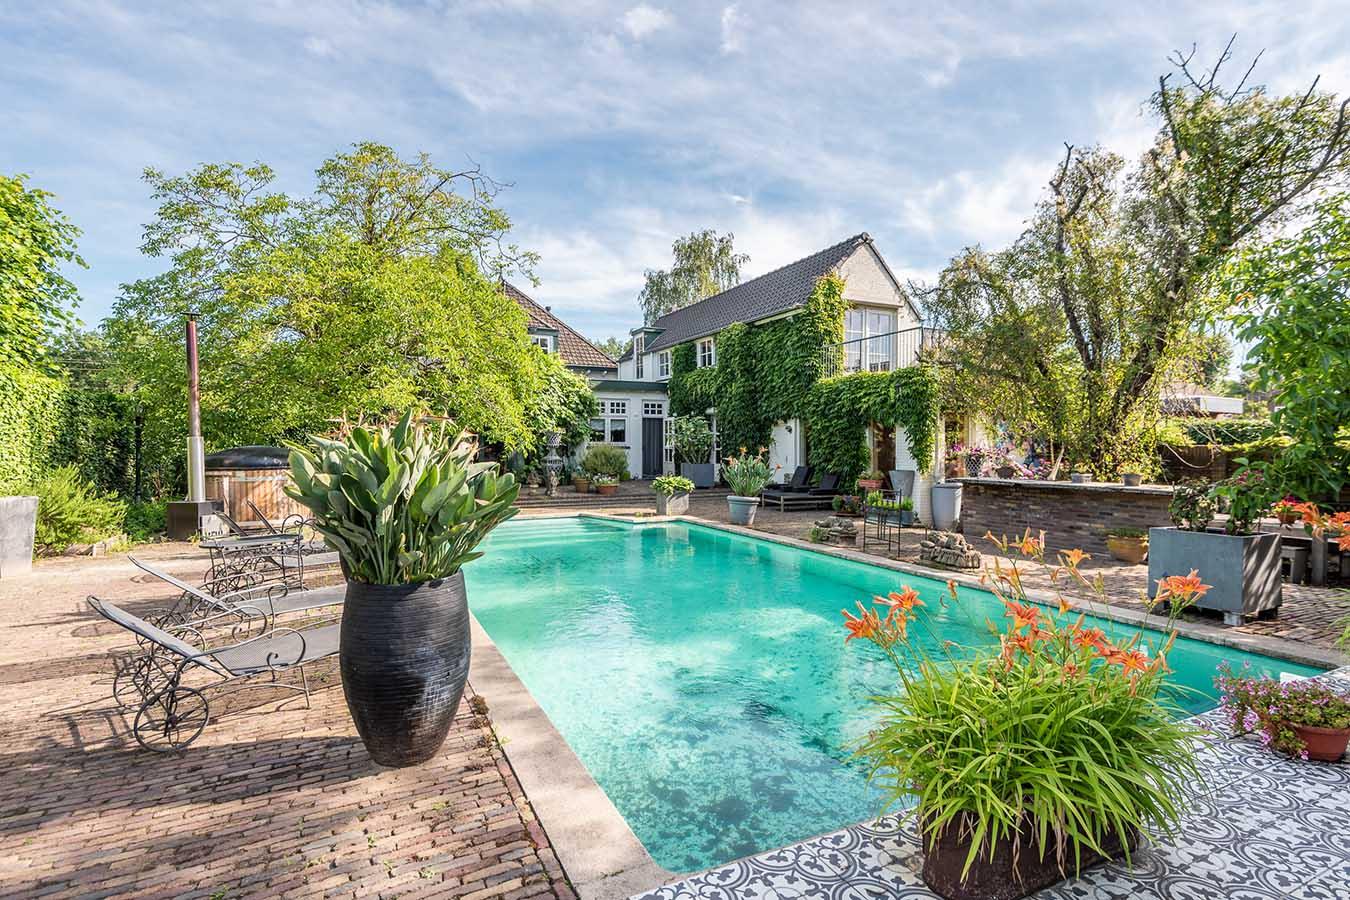 prachtig zwembad achter in een grote tuin